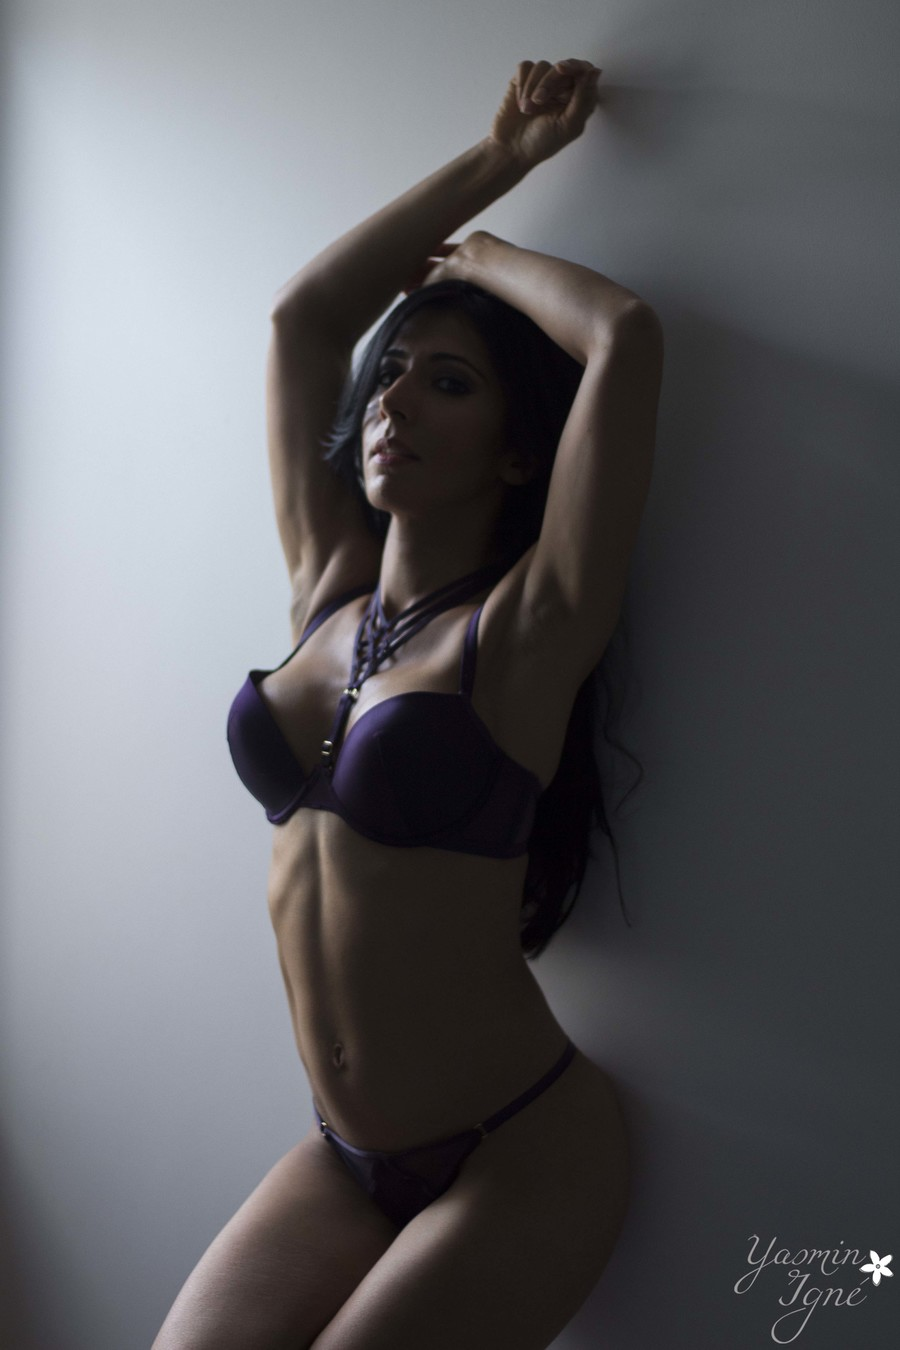 Model Gee Tedder / Uploaded 15th April 2018 @ 04:29 PM